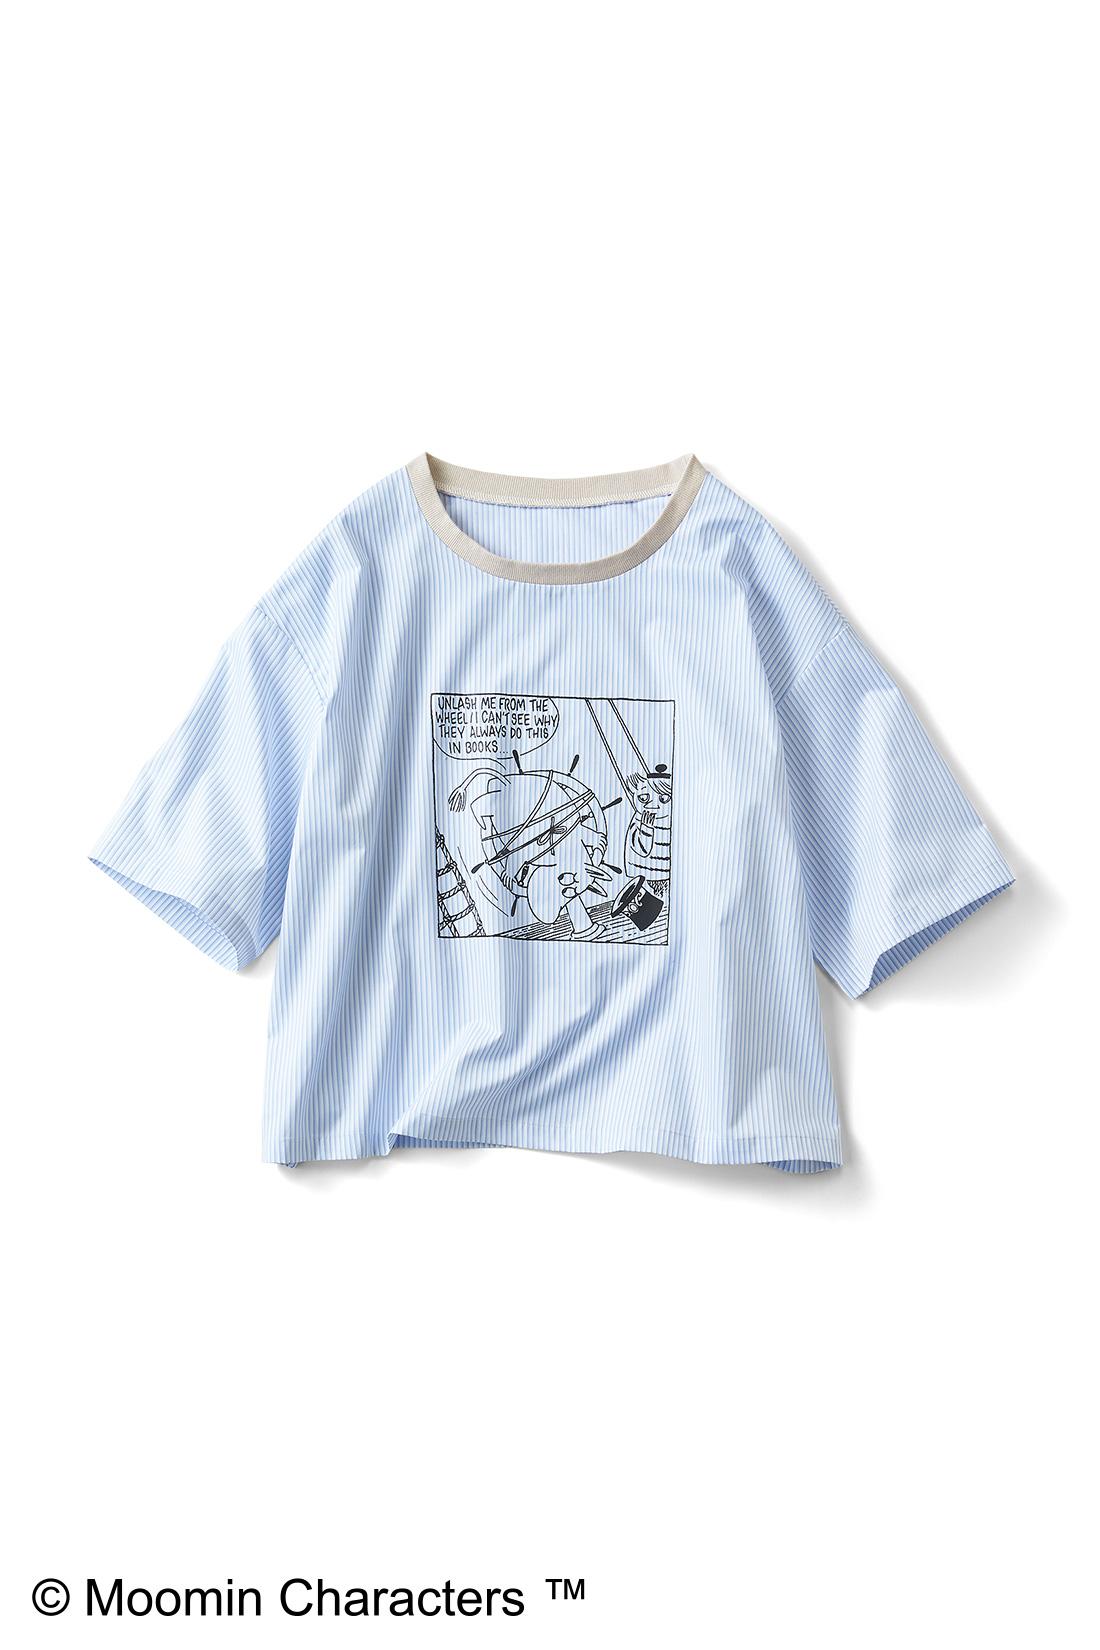 【薄ブルー/船】Tシャツの形なのに布はくというのがポイント!